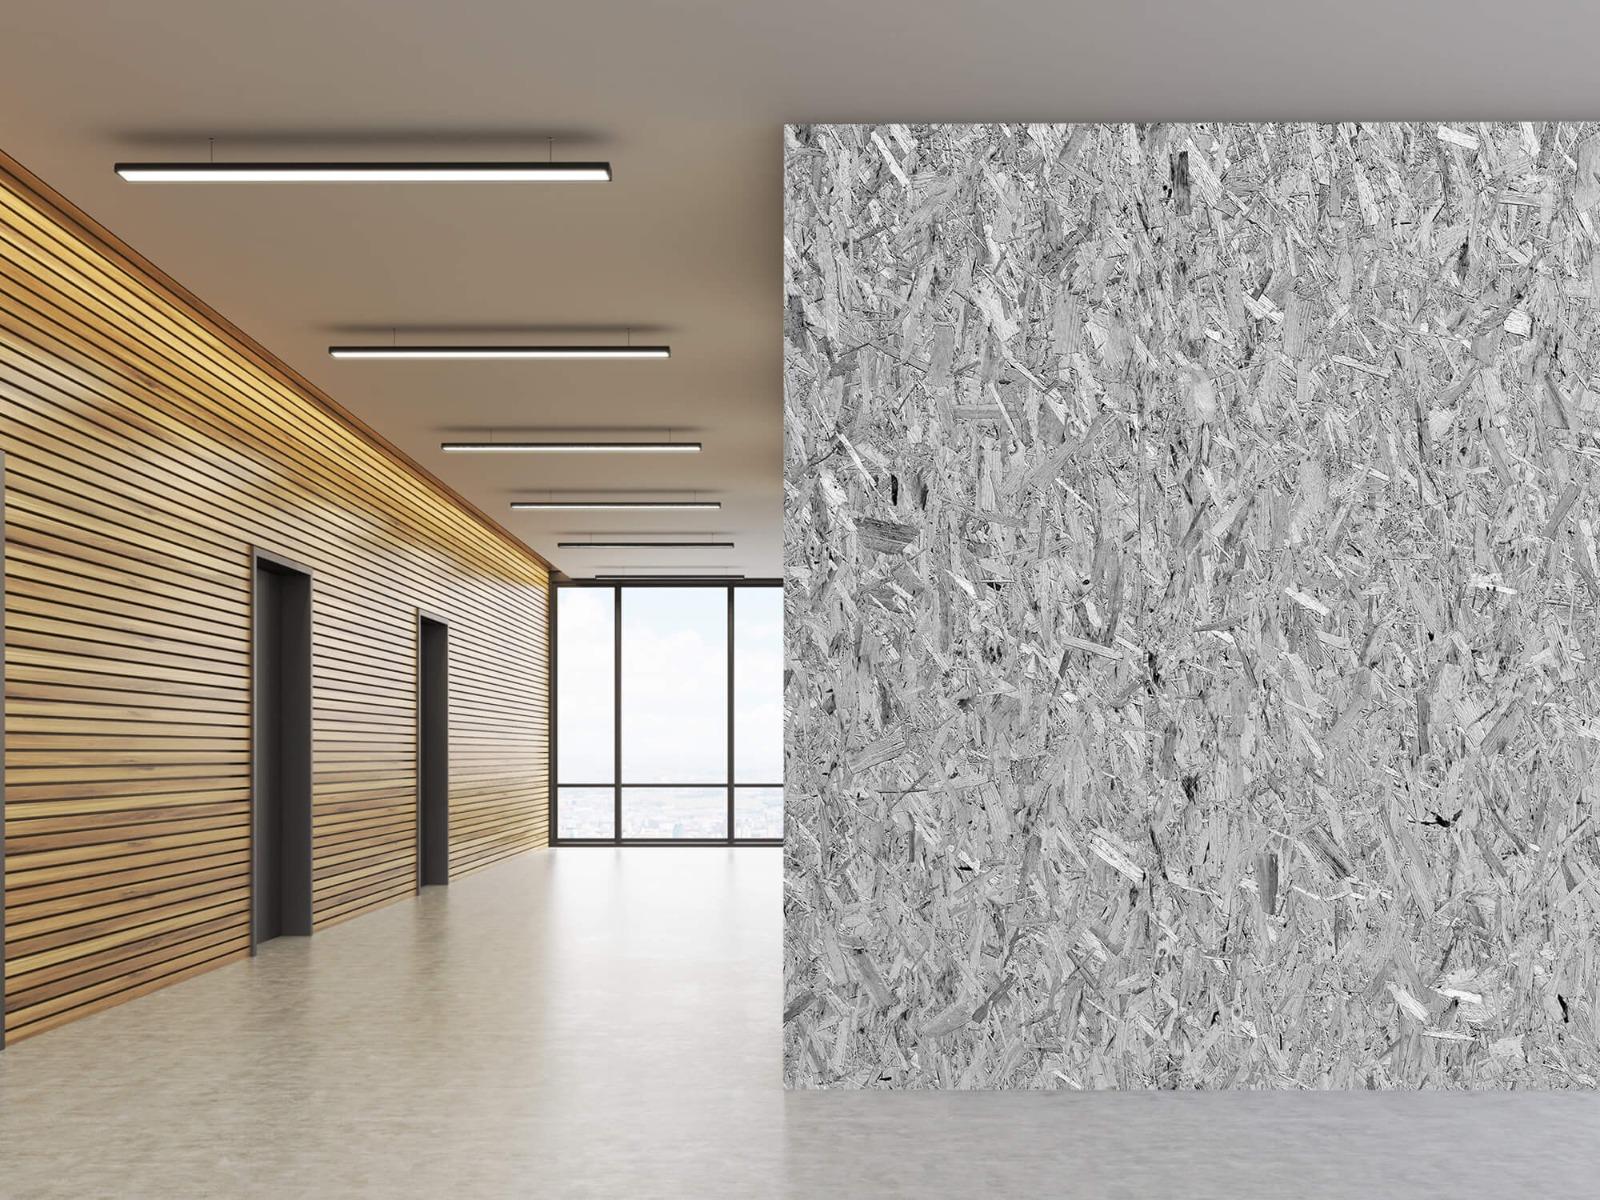 Hout behang - Spaanplaat - Wallexclusive - Woonkamer 7